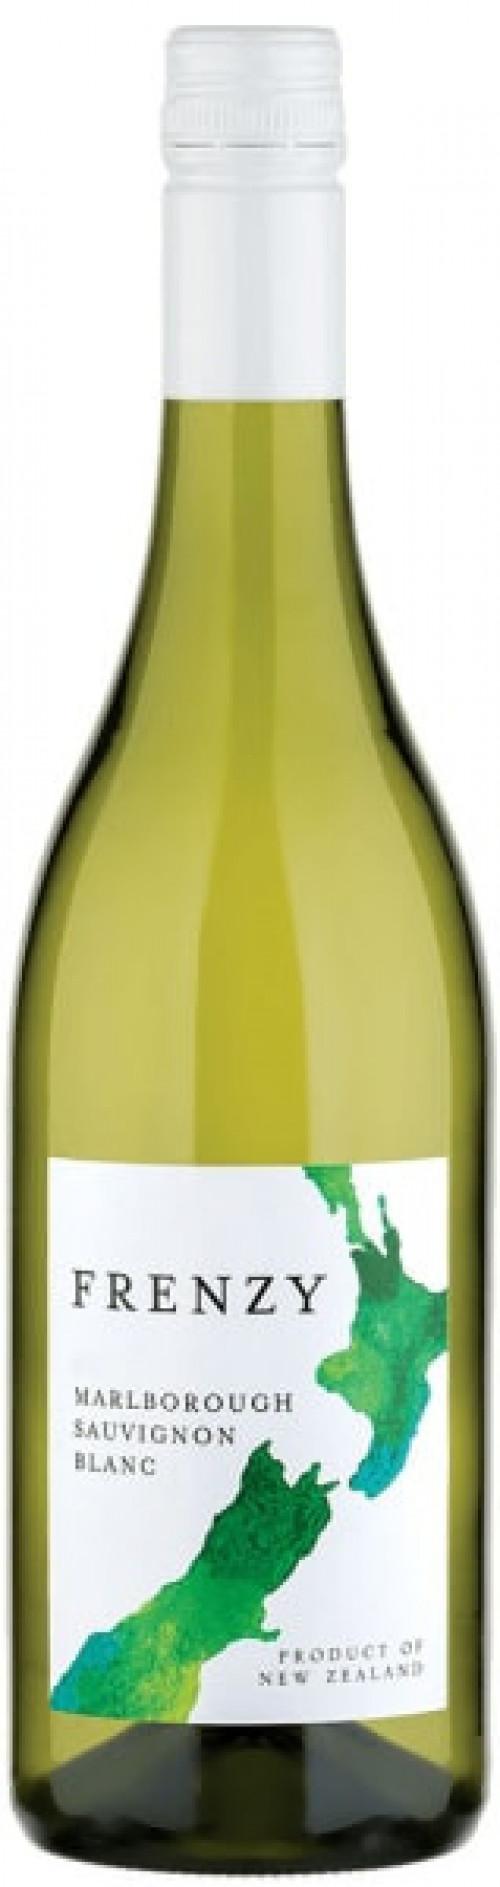 2021 Frenzy Sauvignon Blanc 750ml